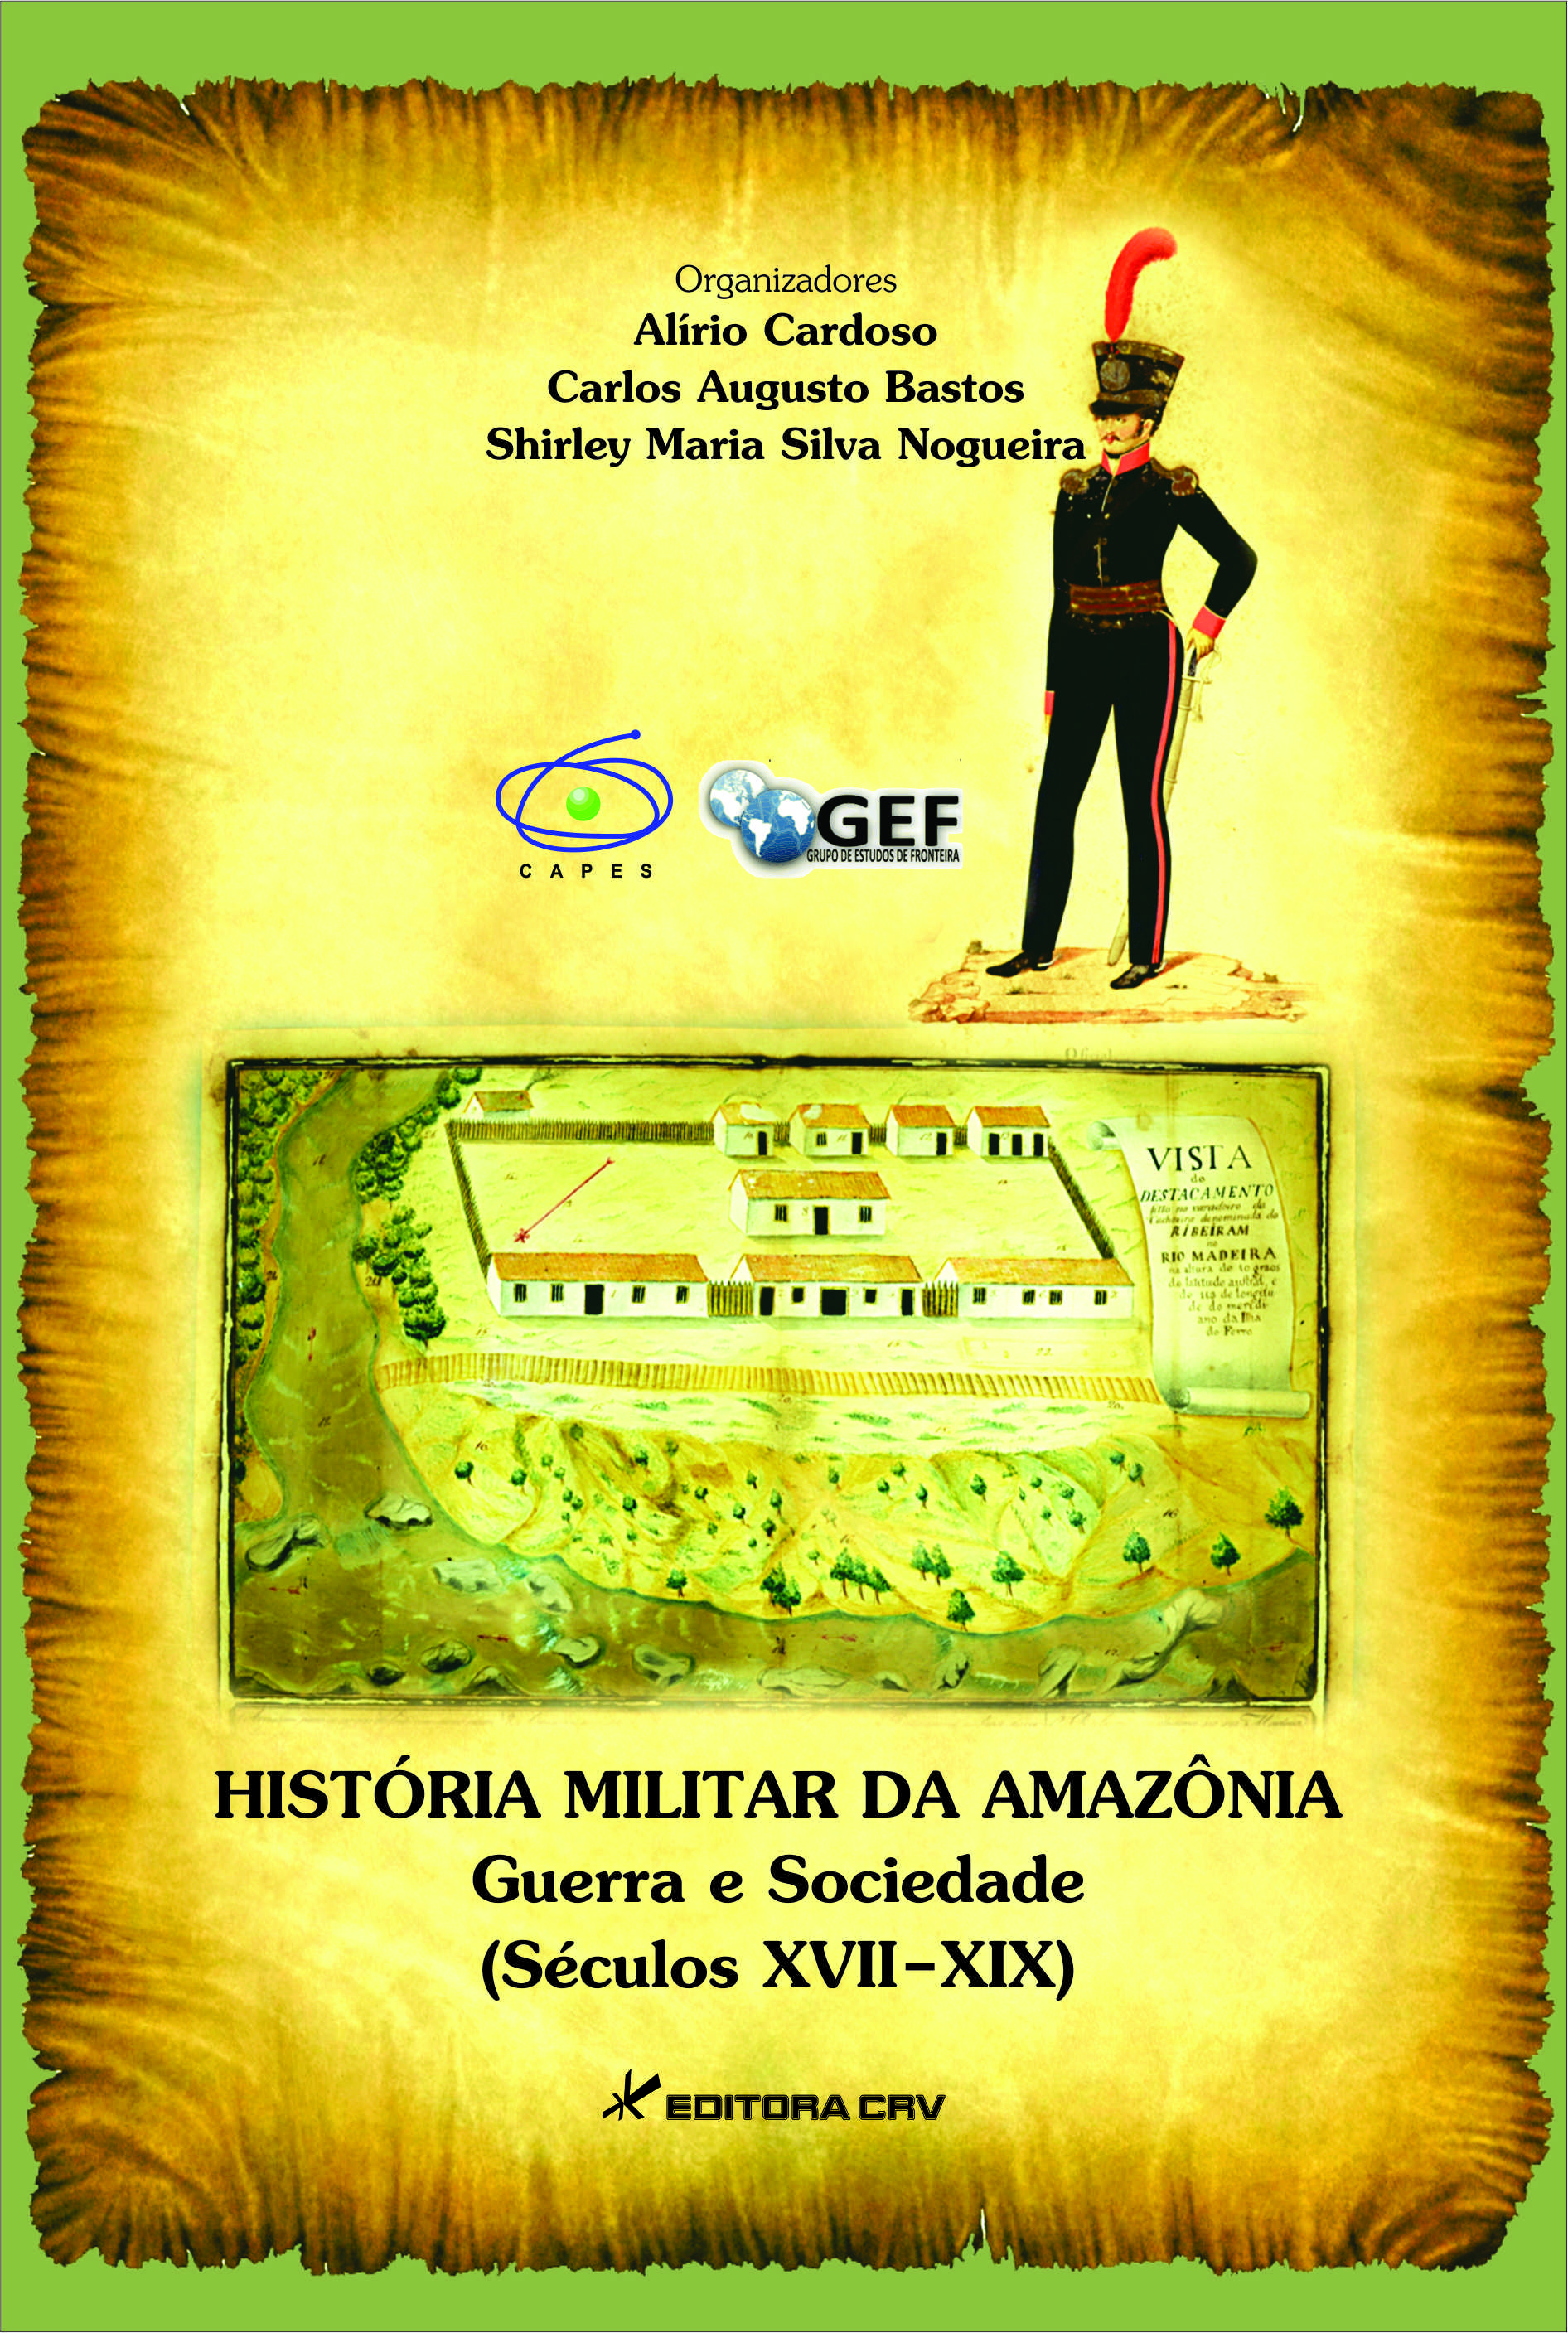 Capa do livro: HISTÓRIA MILITAR DA AMAZÔNIA<br>Guerra, militares e sociedade (Séculos XVII-XIX)